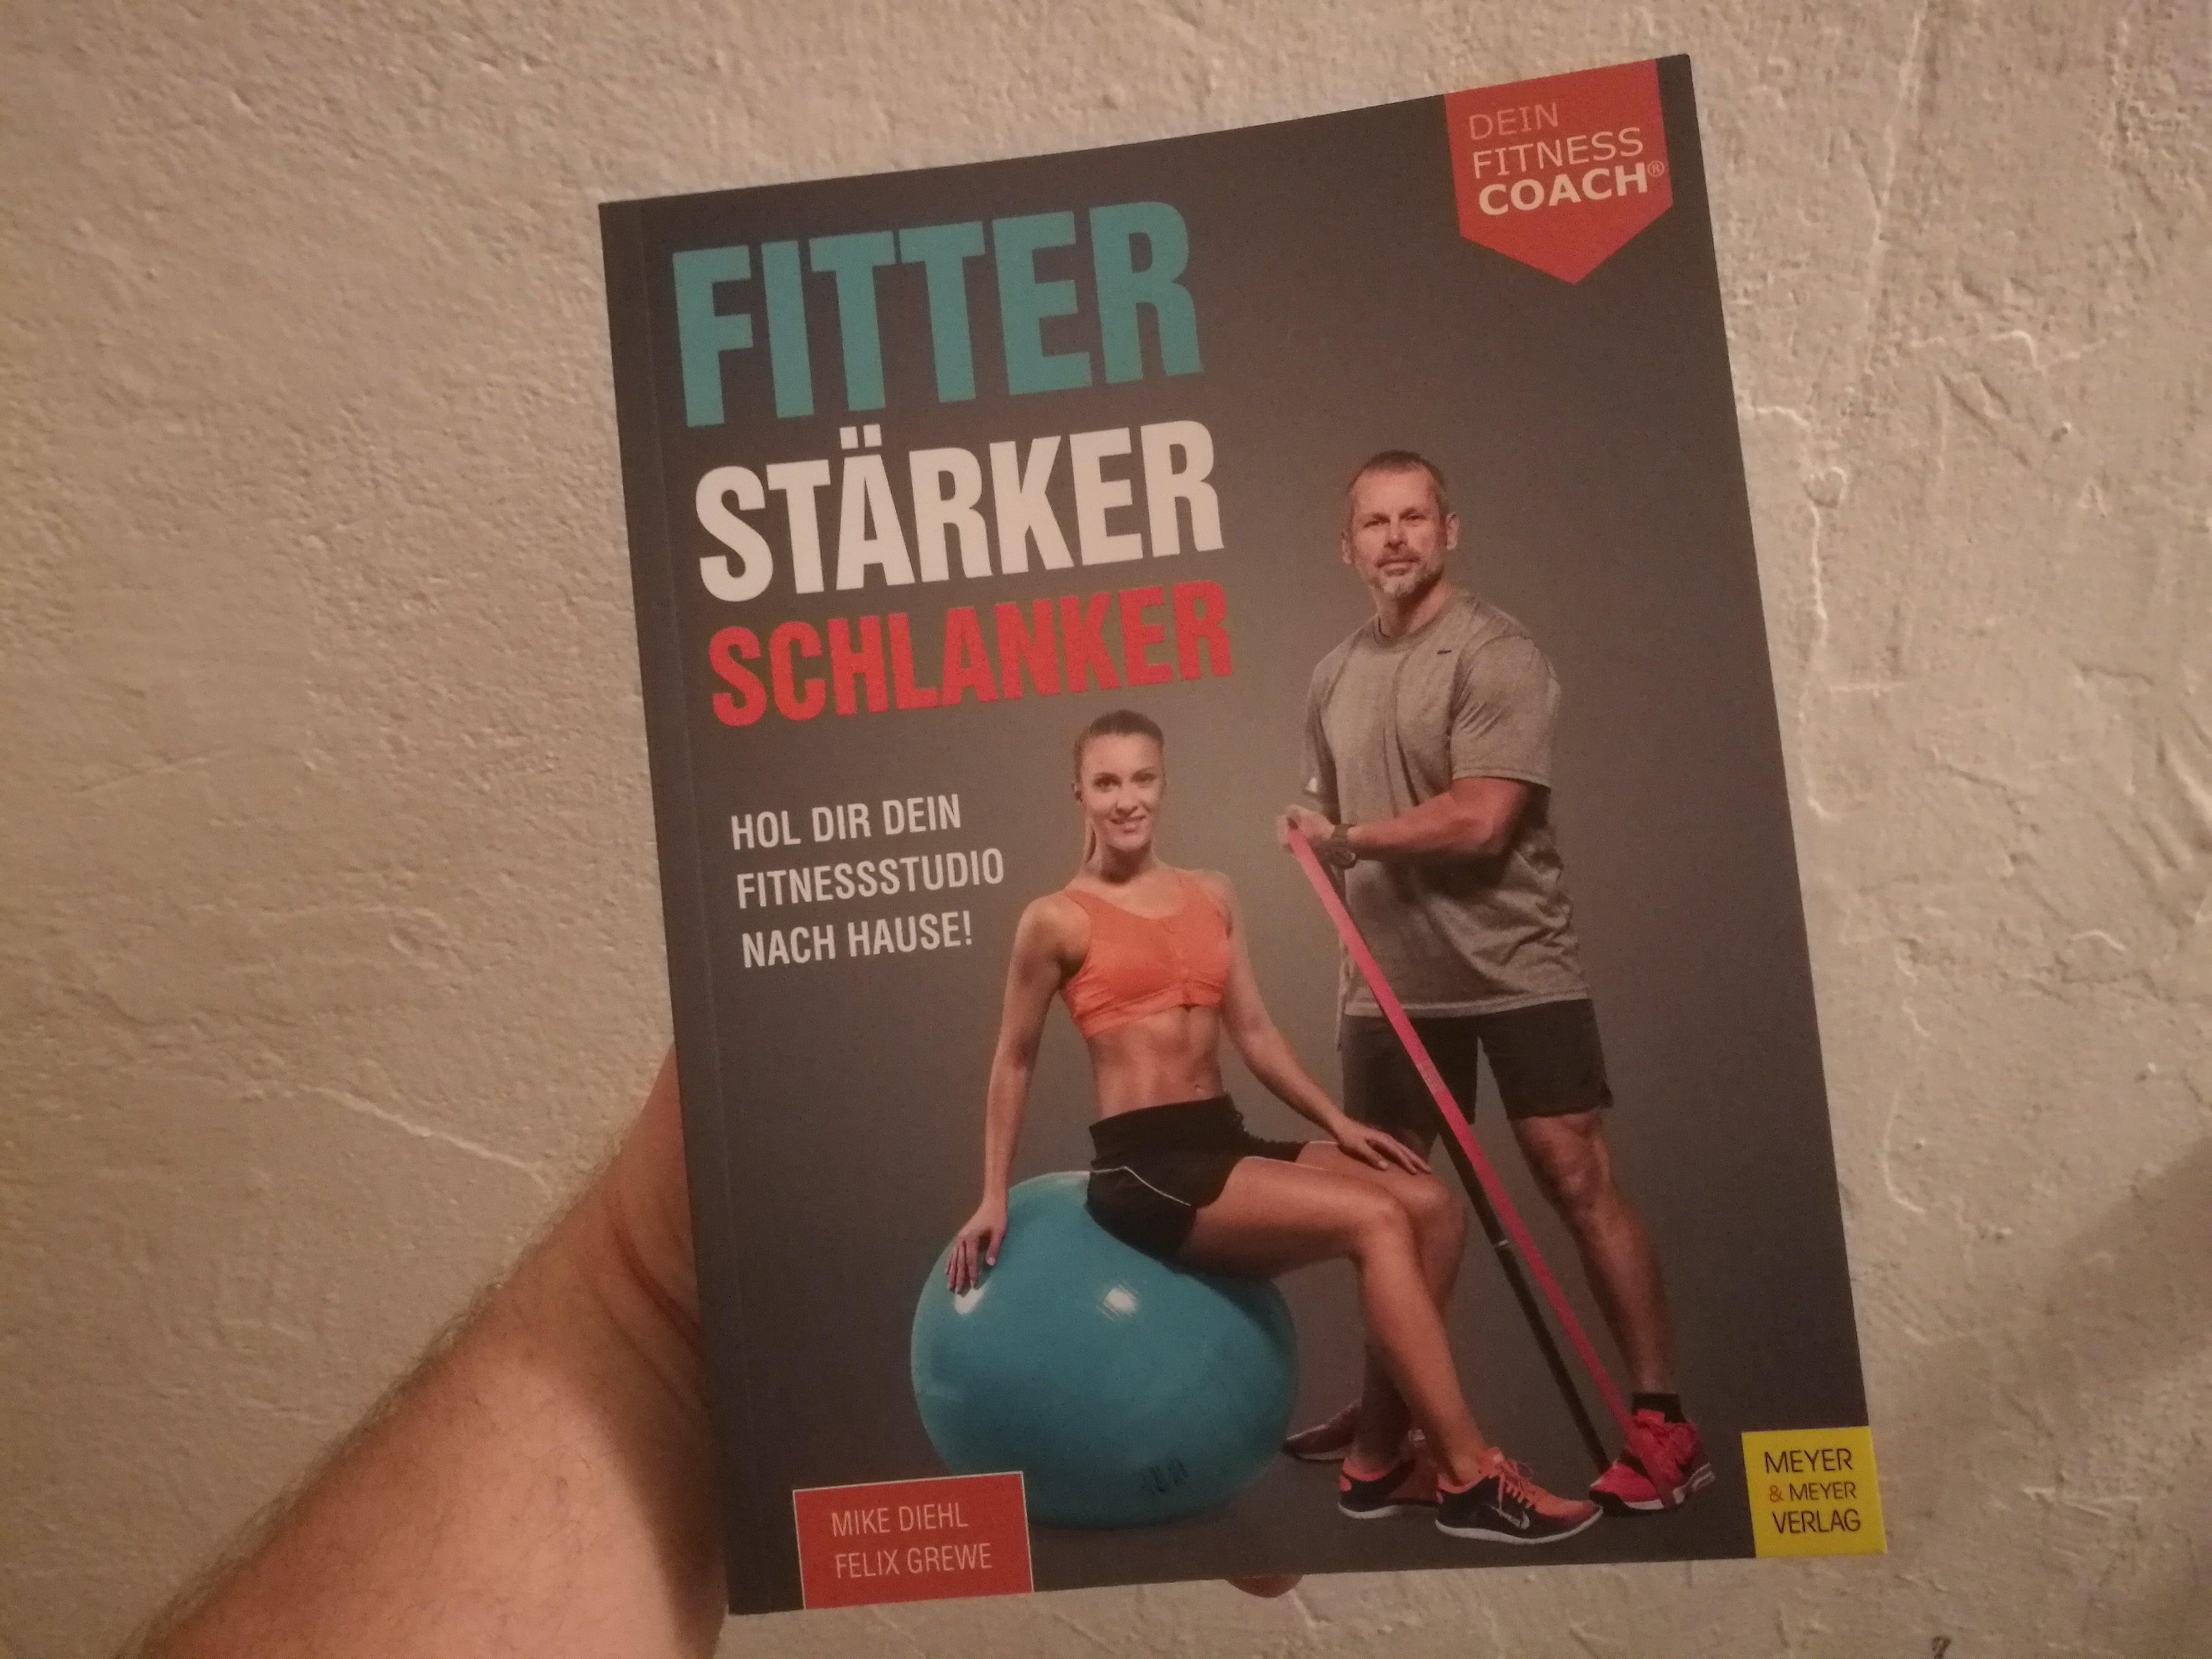 Fitter - Stärker - Schlanker, die Buchrezension